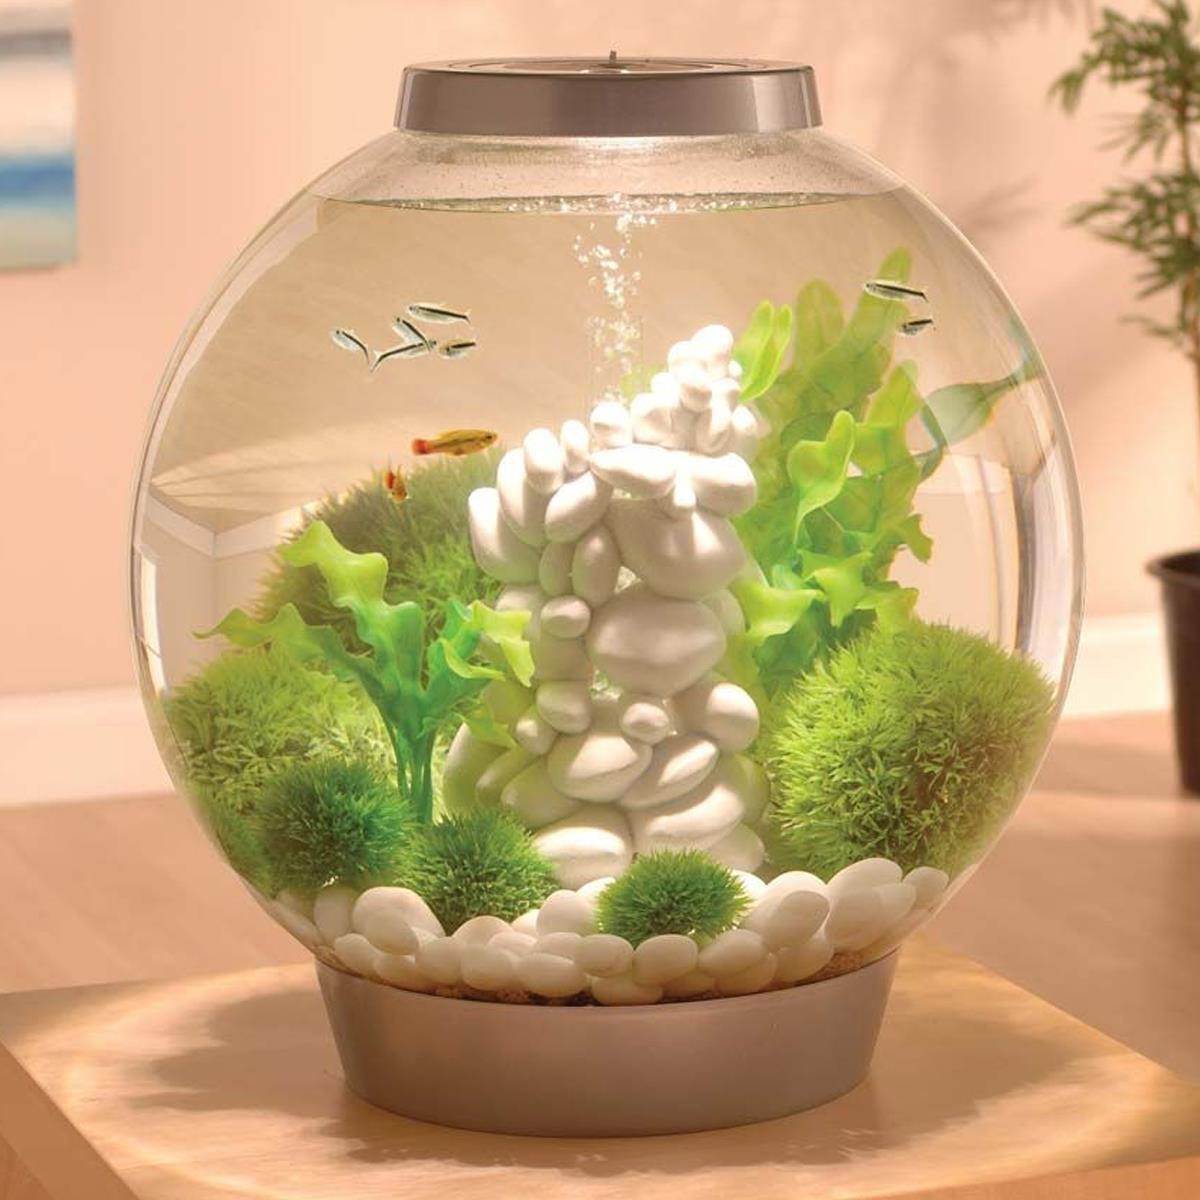 thumbnail 26 - BIORB CLASSIC AQUARIUM ACRYLIC FISH TANK COMPLETE SETUP LED LIGHTING FILTER UNIT